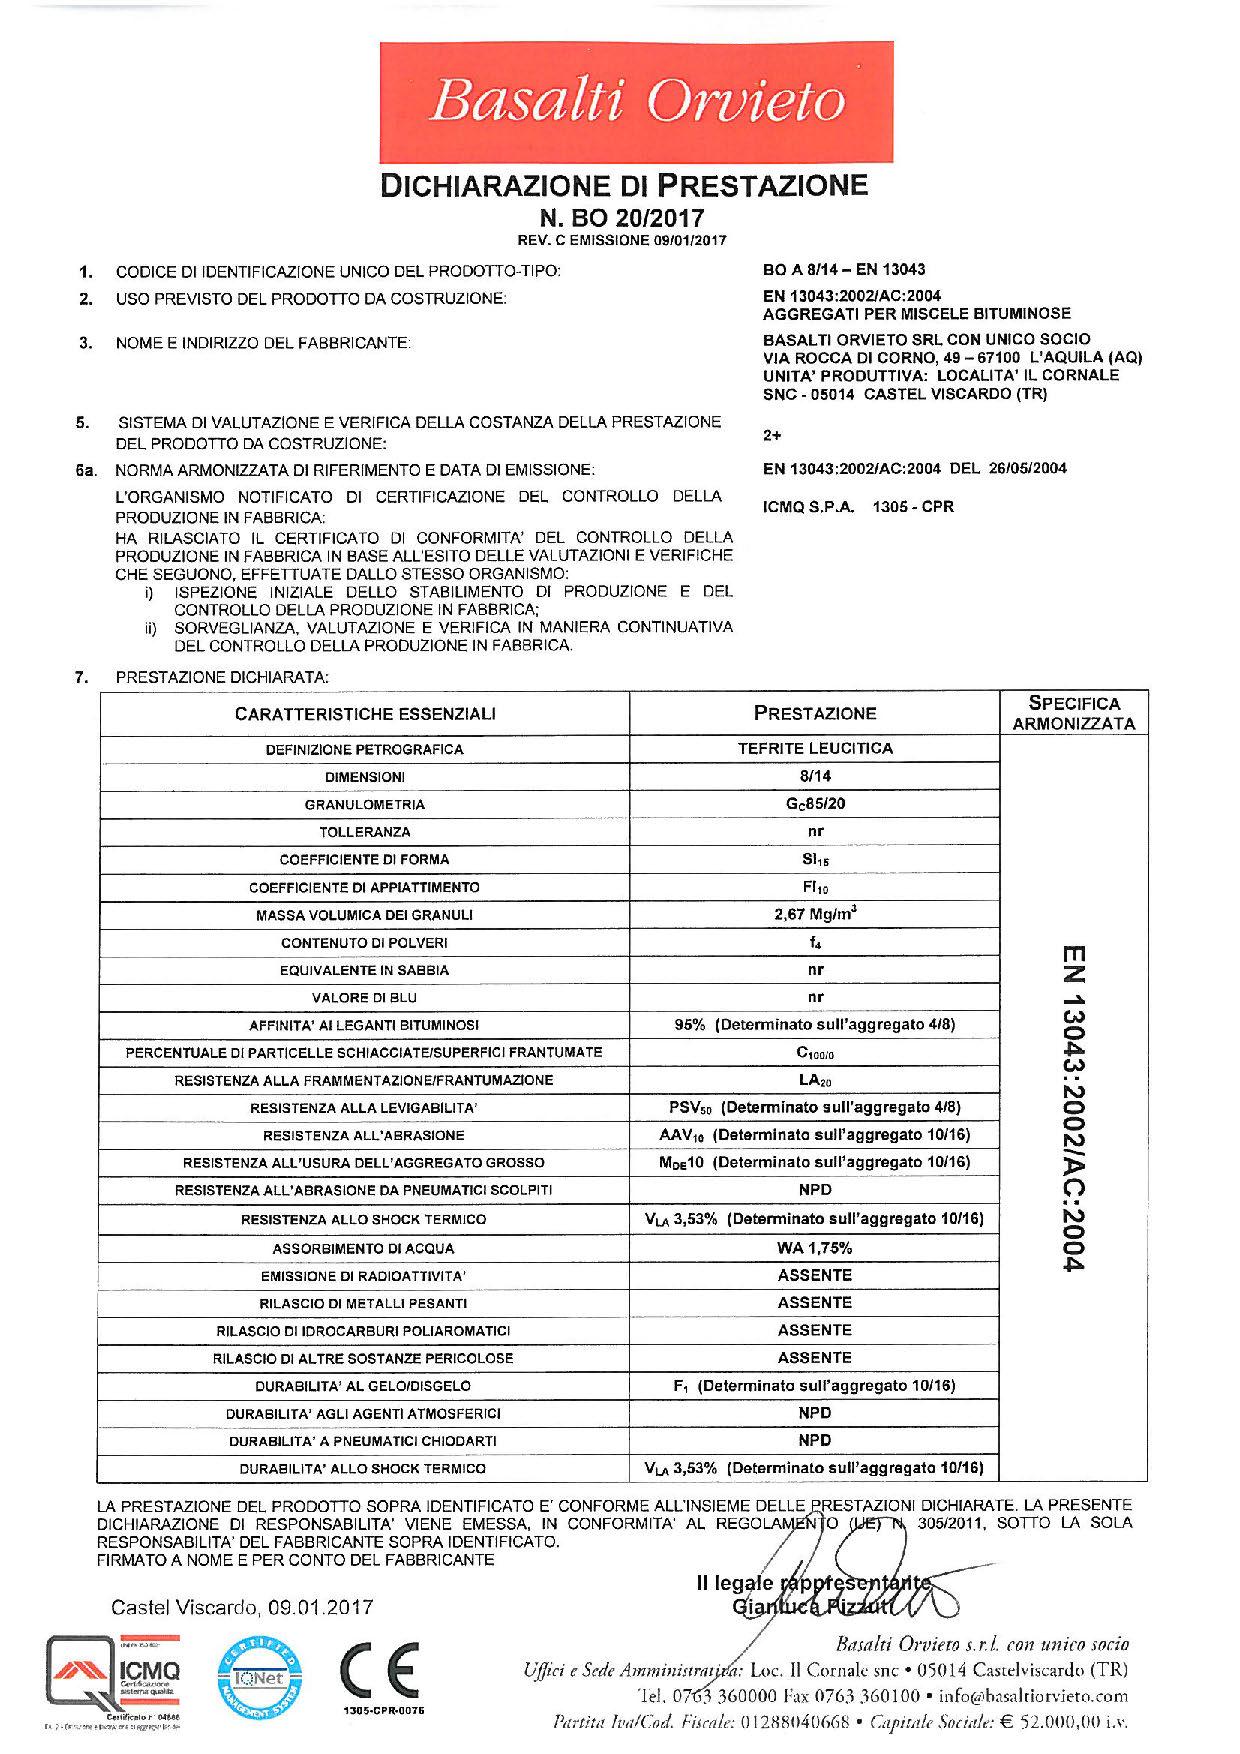 Asfalto_DoP 8-14 - EN 13043